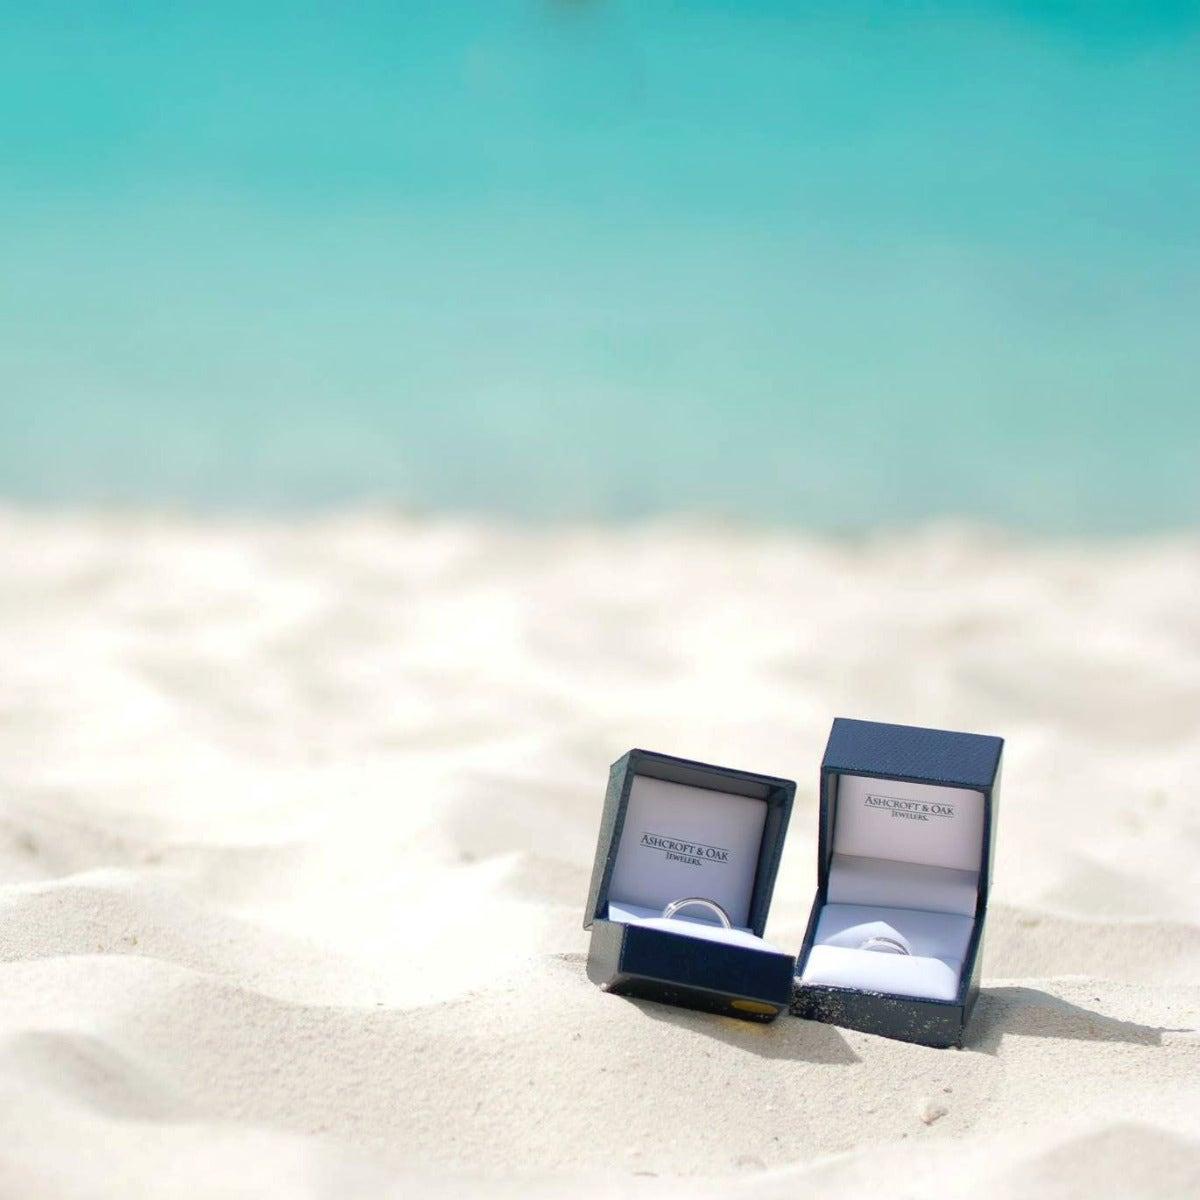 rings on sandy beach